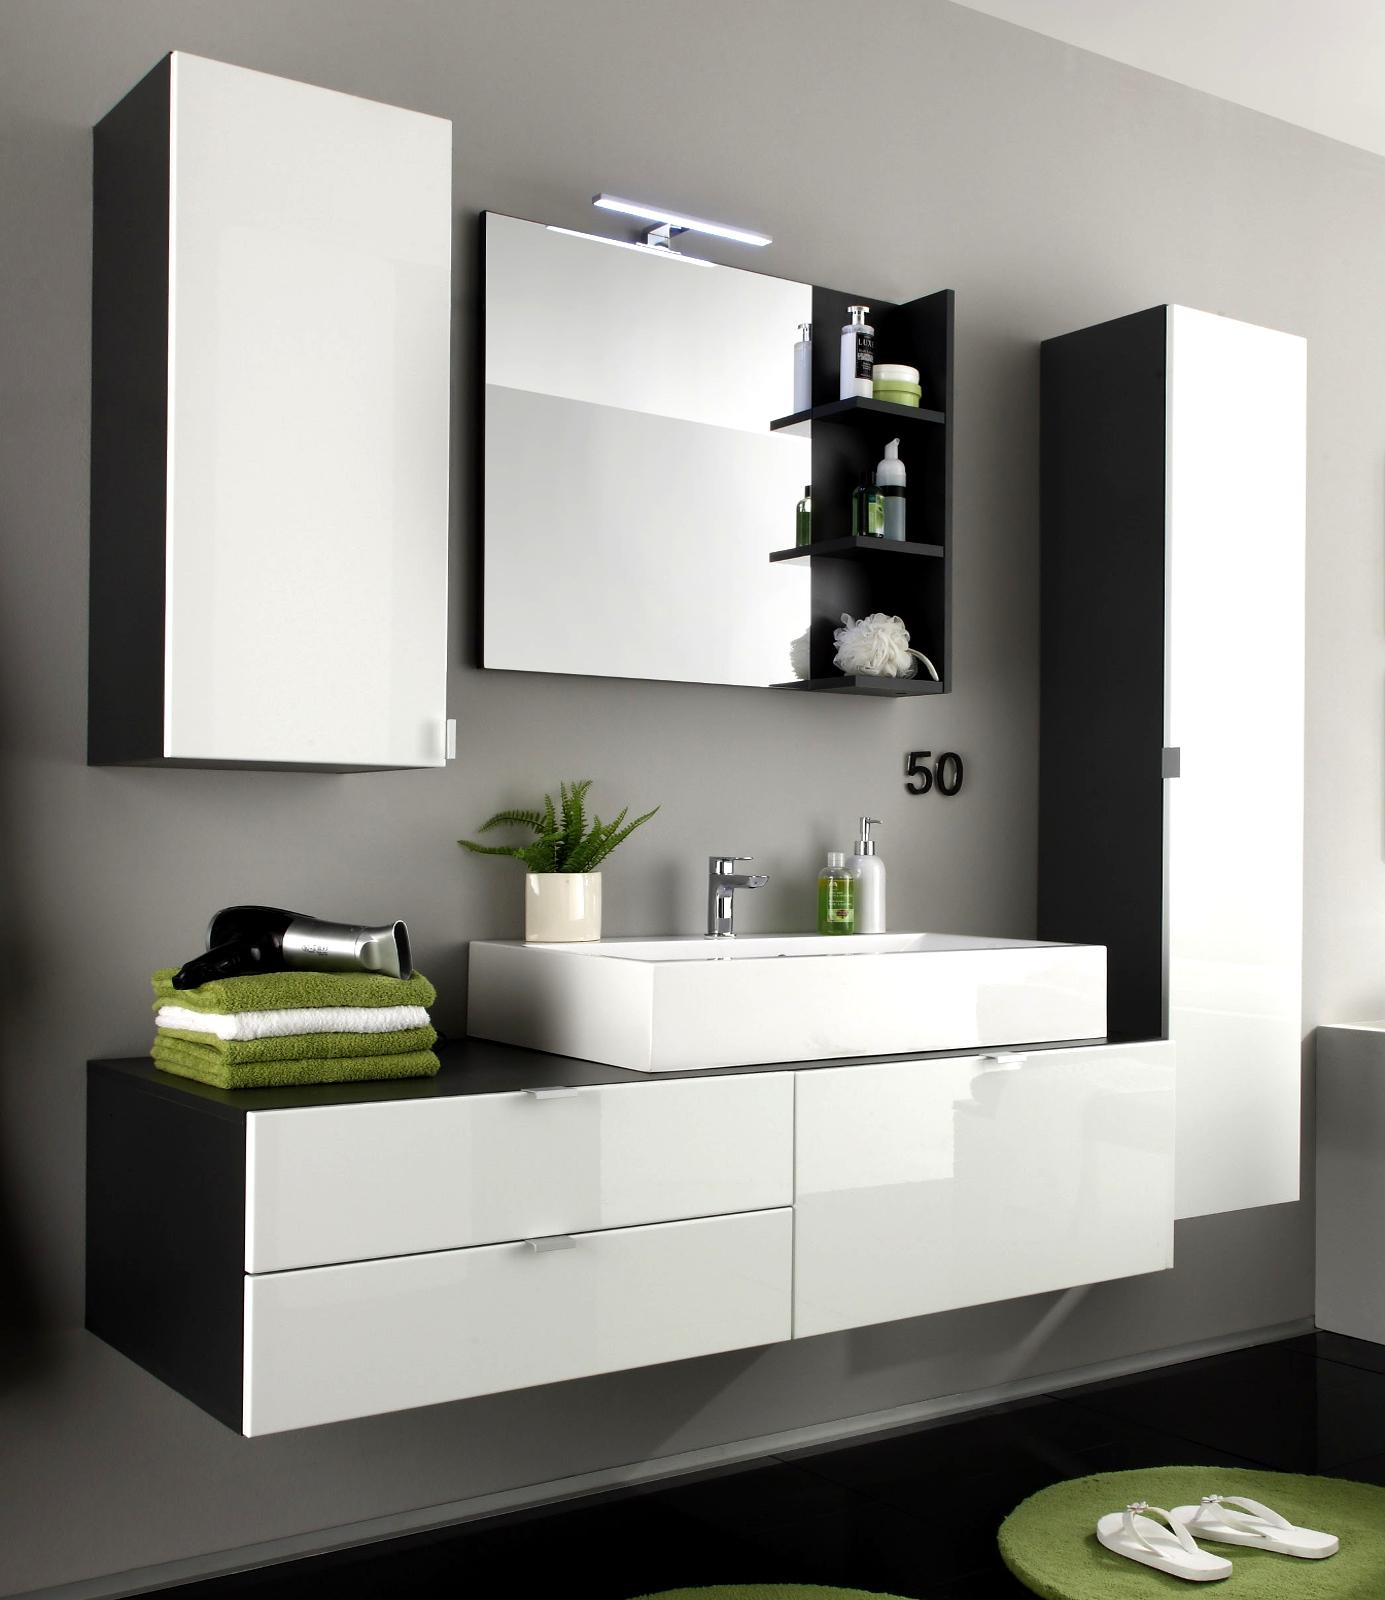 Badezimmermöbel doppelwaschbecken grau  Badmöbel Beach Weiß/Grau günstig online kaufen